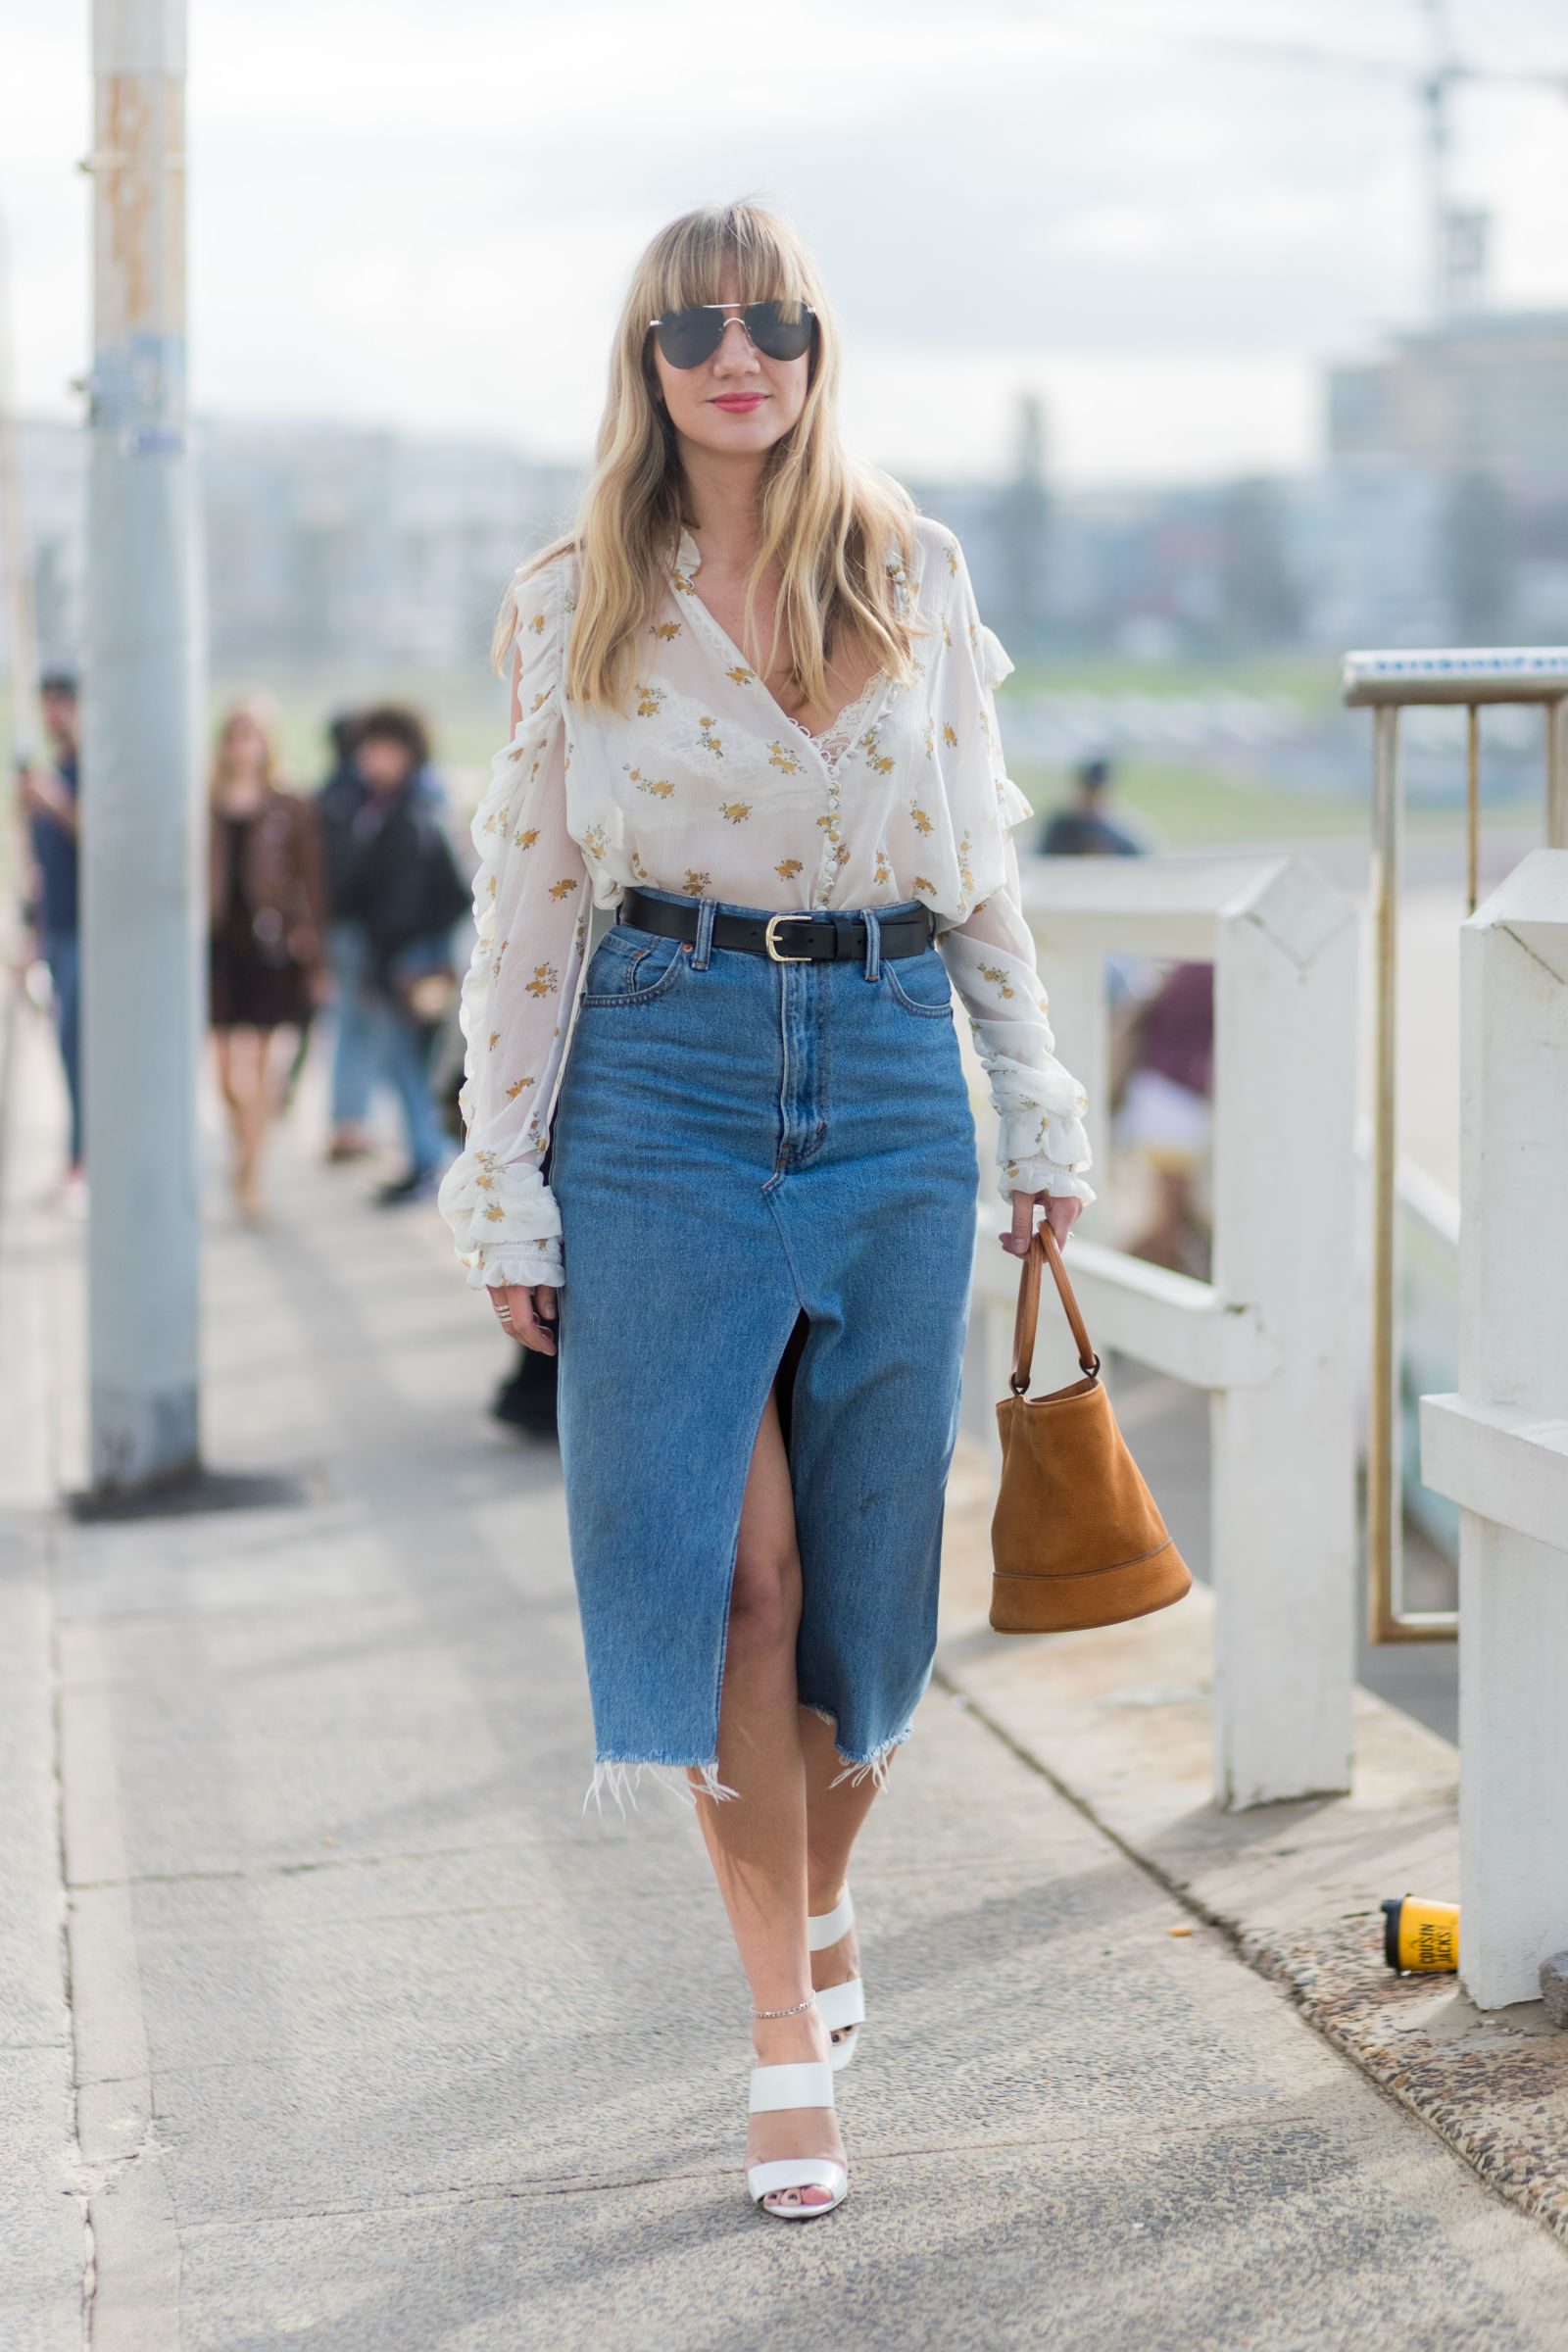 73c2faf8c0 22 Fresh New Ways To Wear a Midi Skirt This Summer – Fashion ...